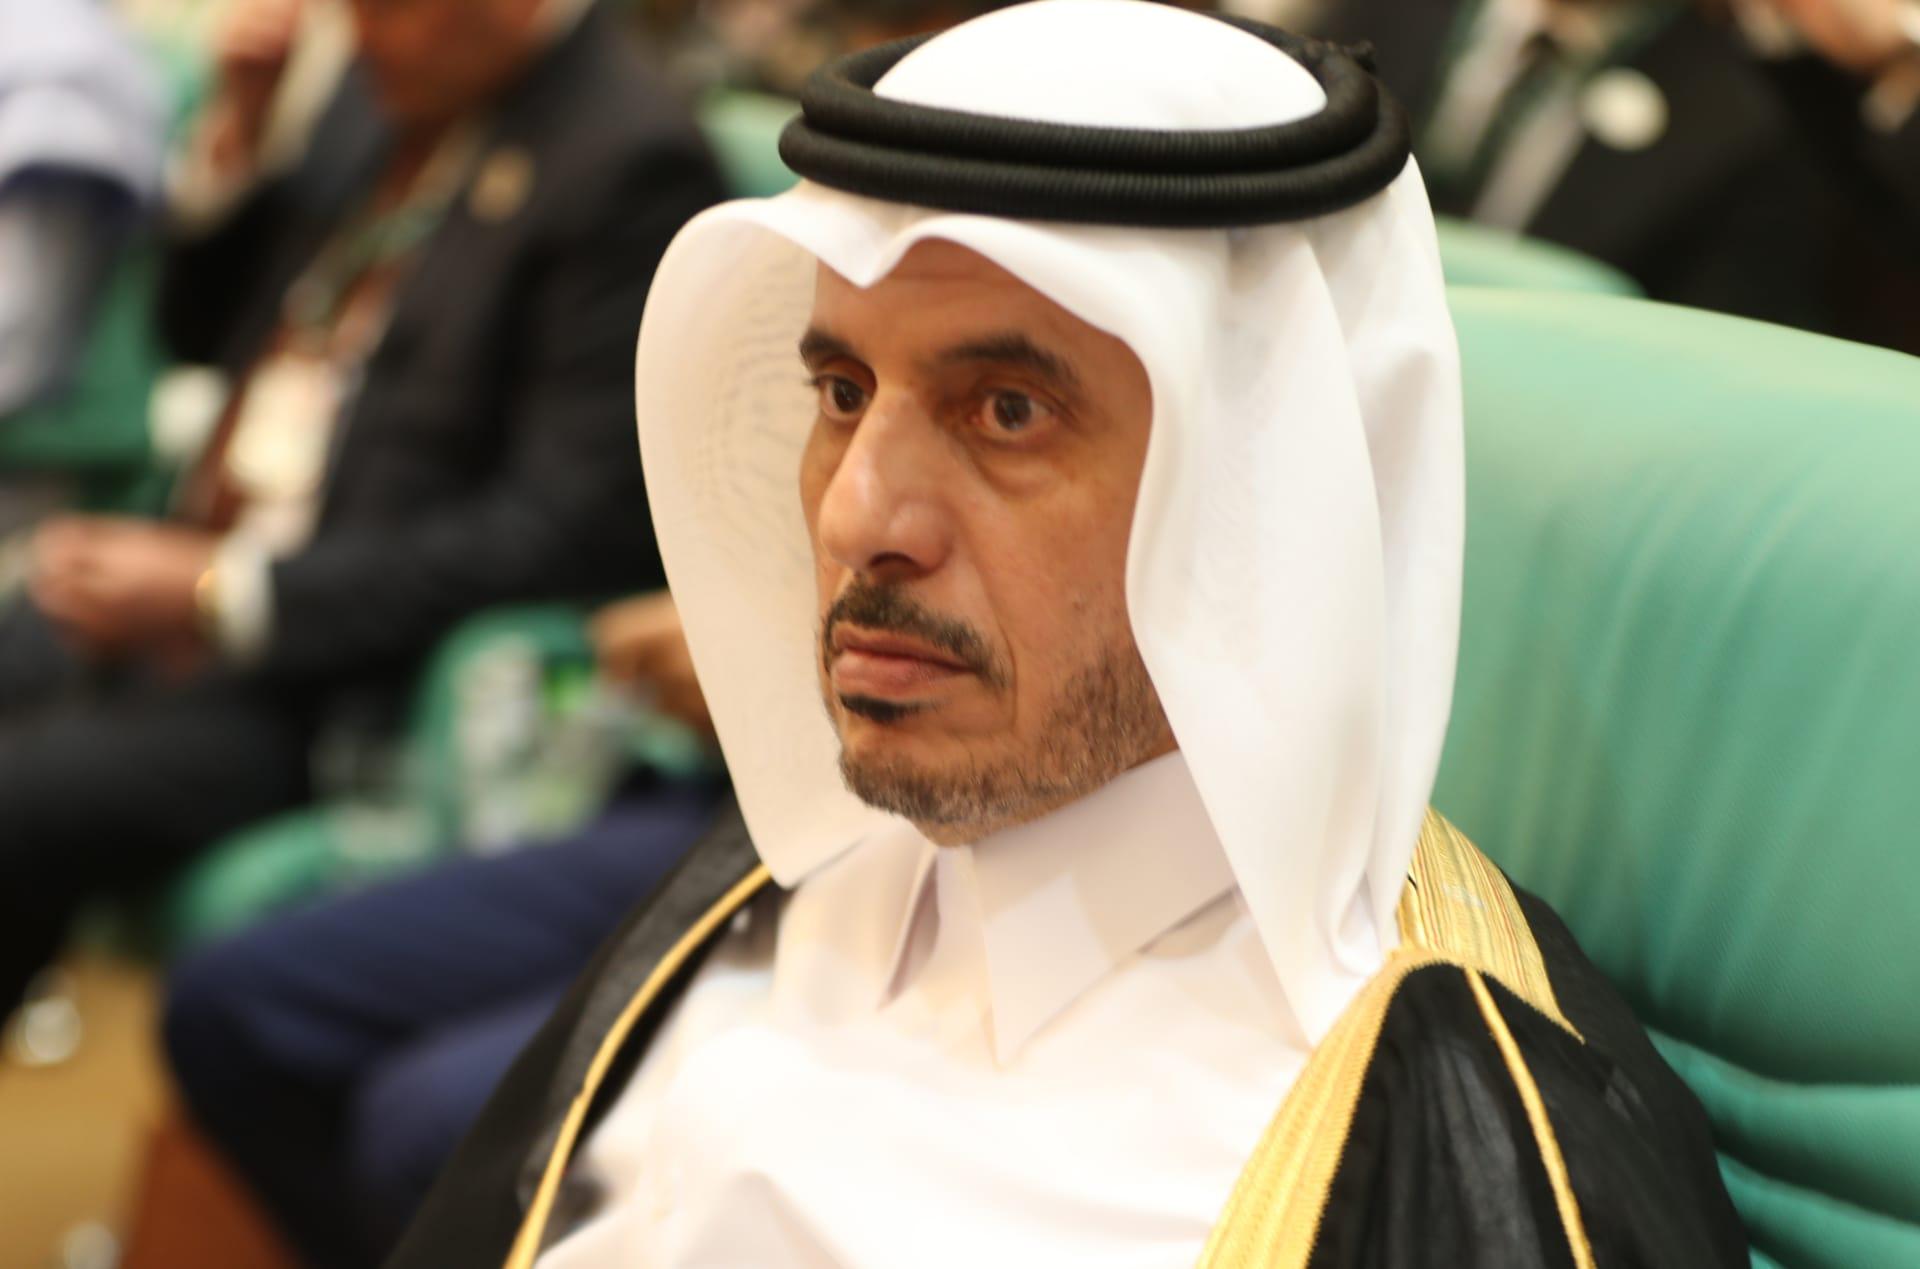 رئيس وزراء قطر المستقيل الشيخ عبدالله بنناصر آل ثاني